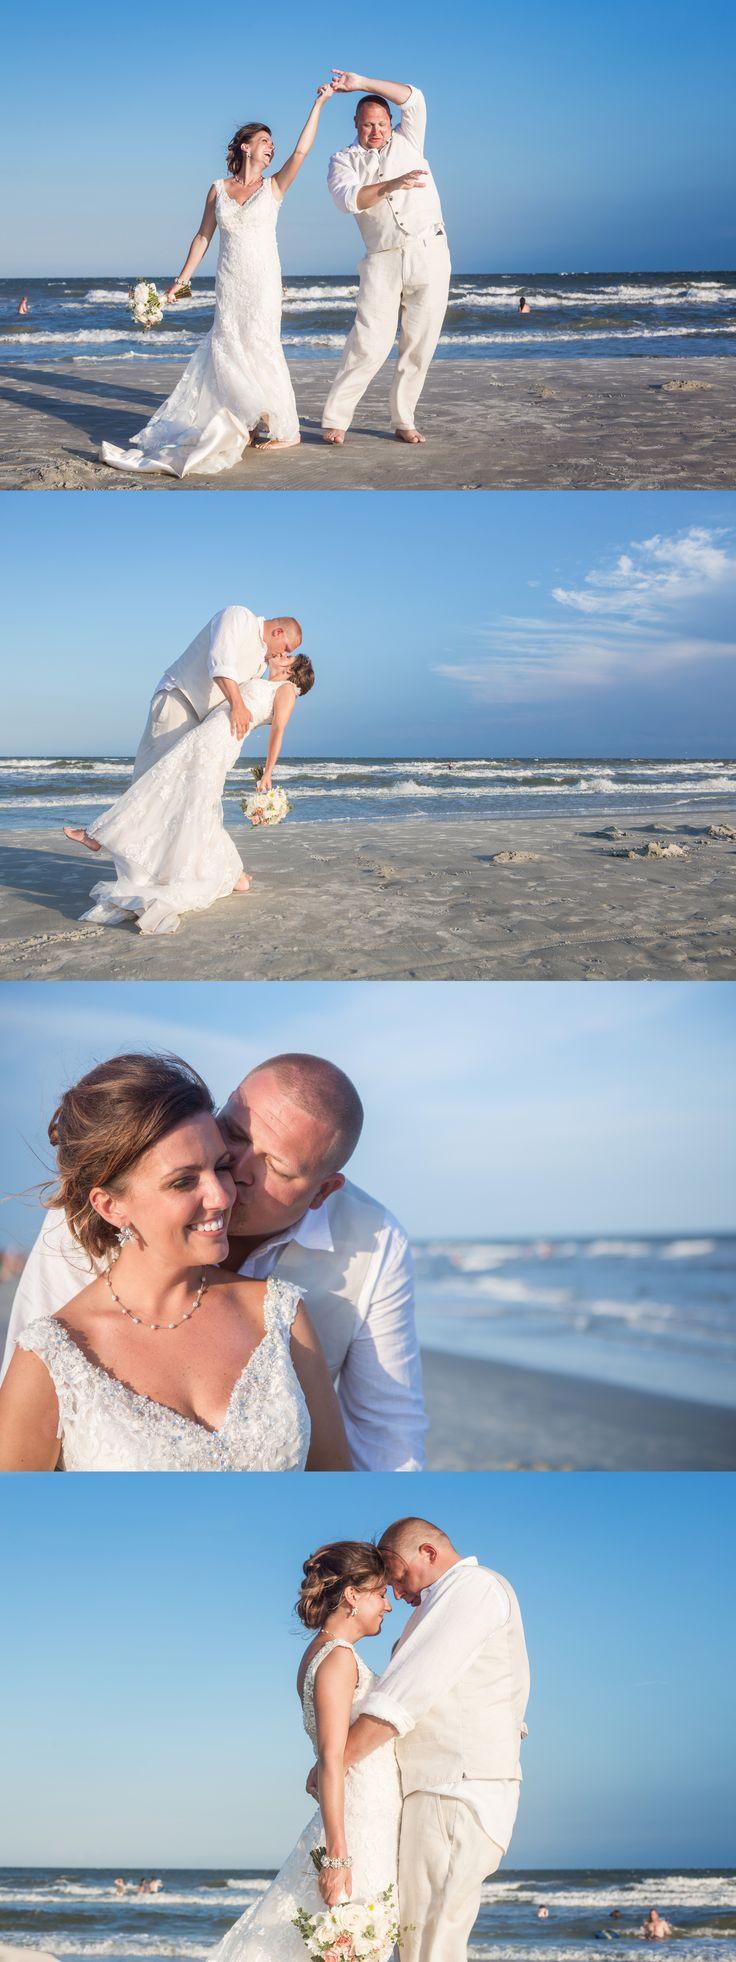 Bride and groom dancing on the beach. The Beach House. Hilton Head Island, SC. (c) Greg Ceo, SavannahWeddingphoto.com @thebeachhousehh